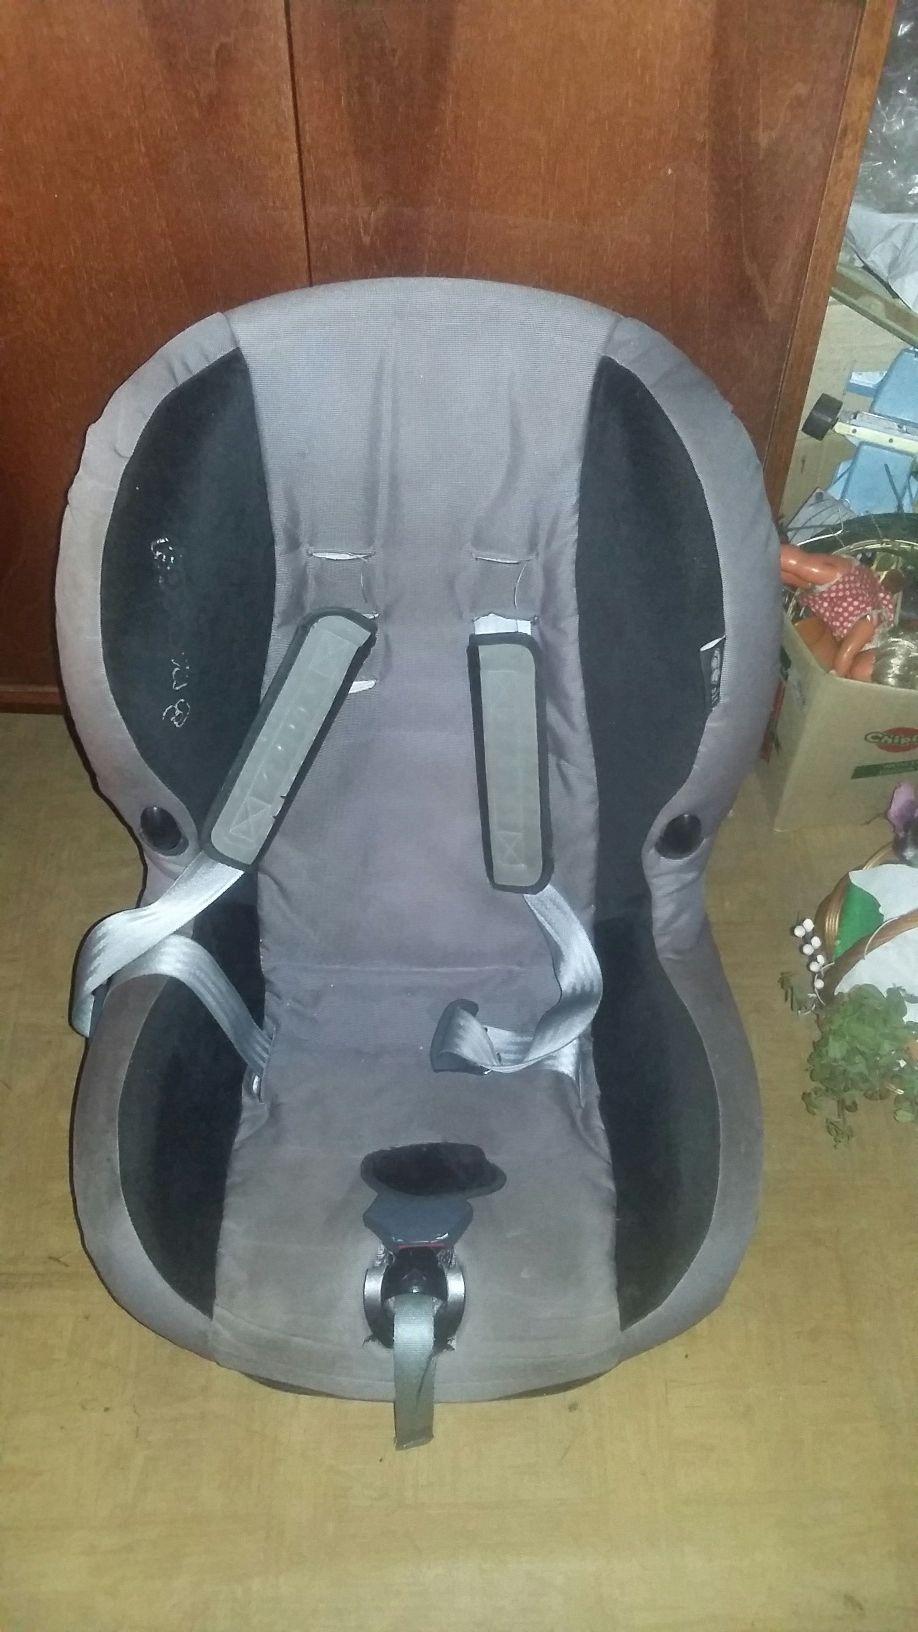 Fotelik samochodowy dla dziecka maxi cosi